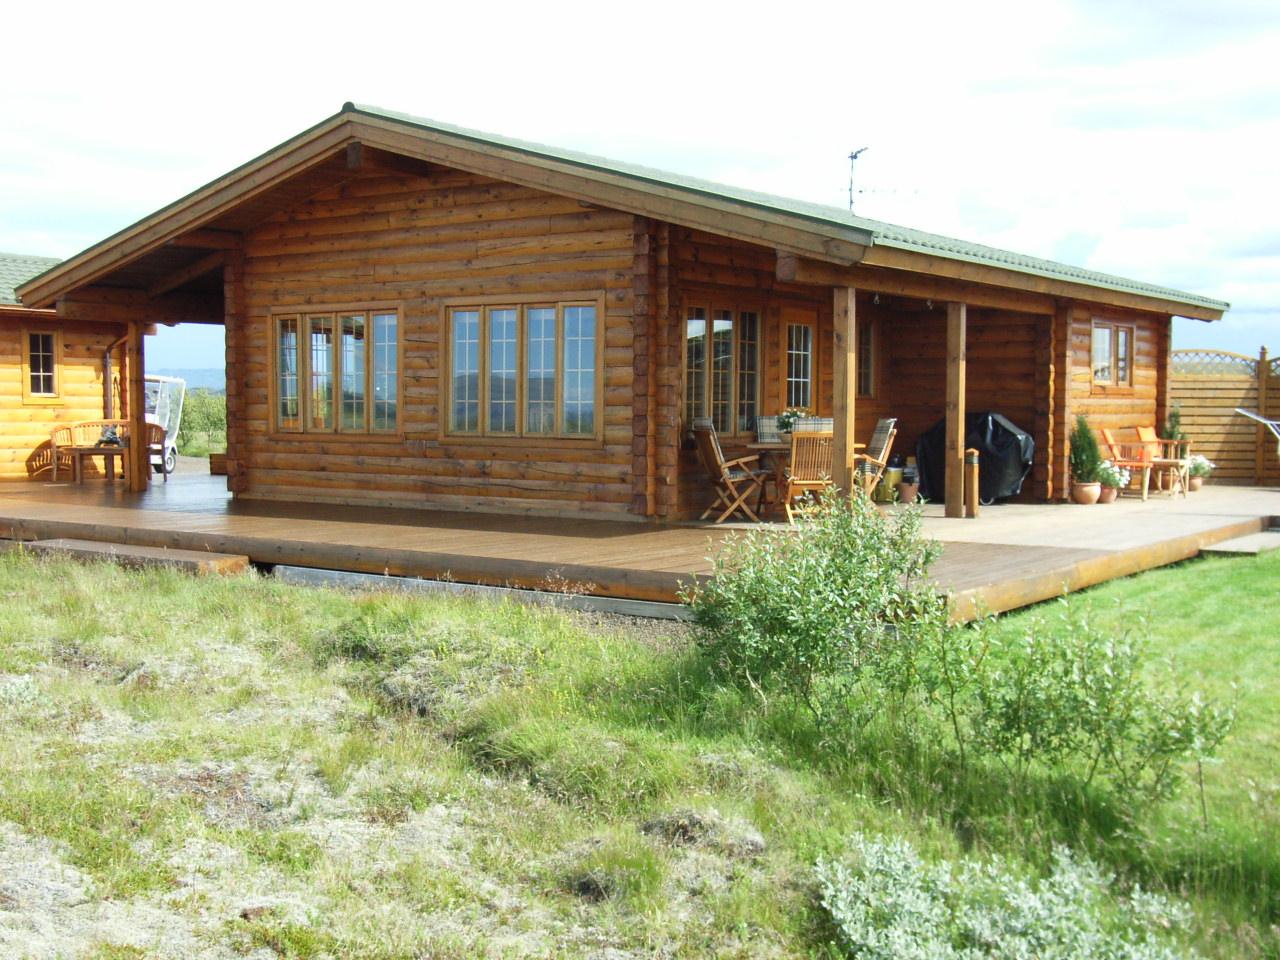 Casa di tronchi canadese pino nord america for Case di tronchi ranch